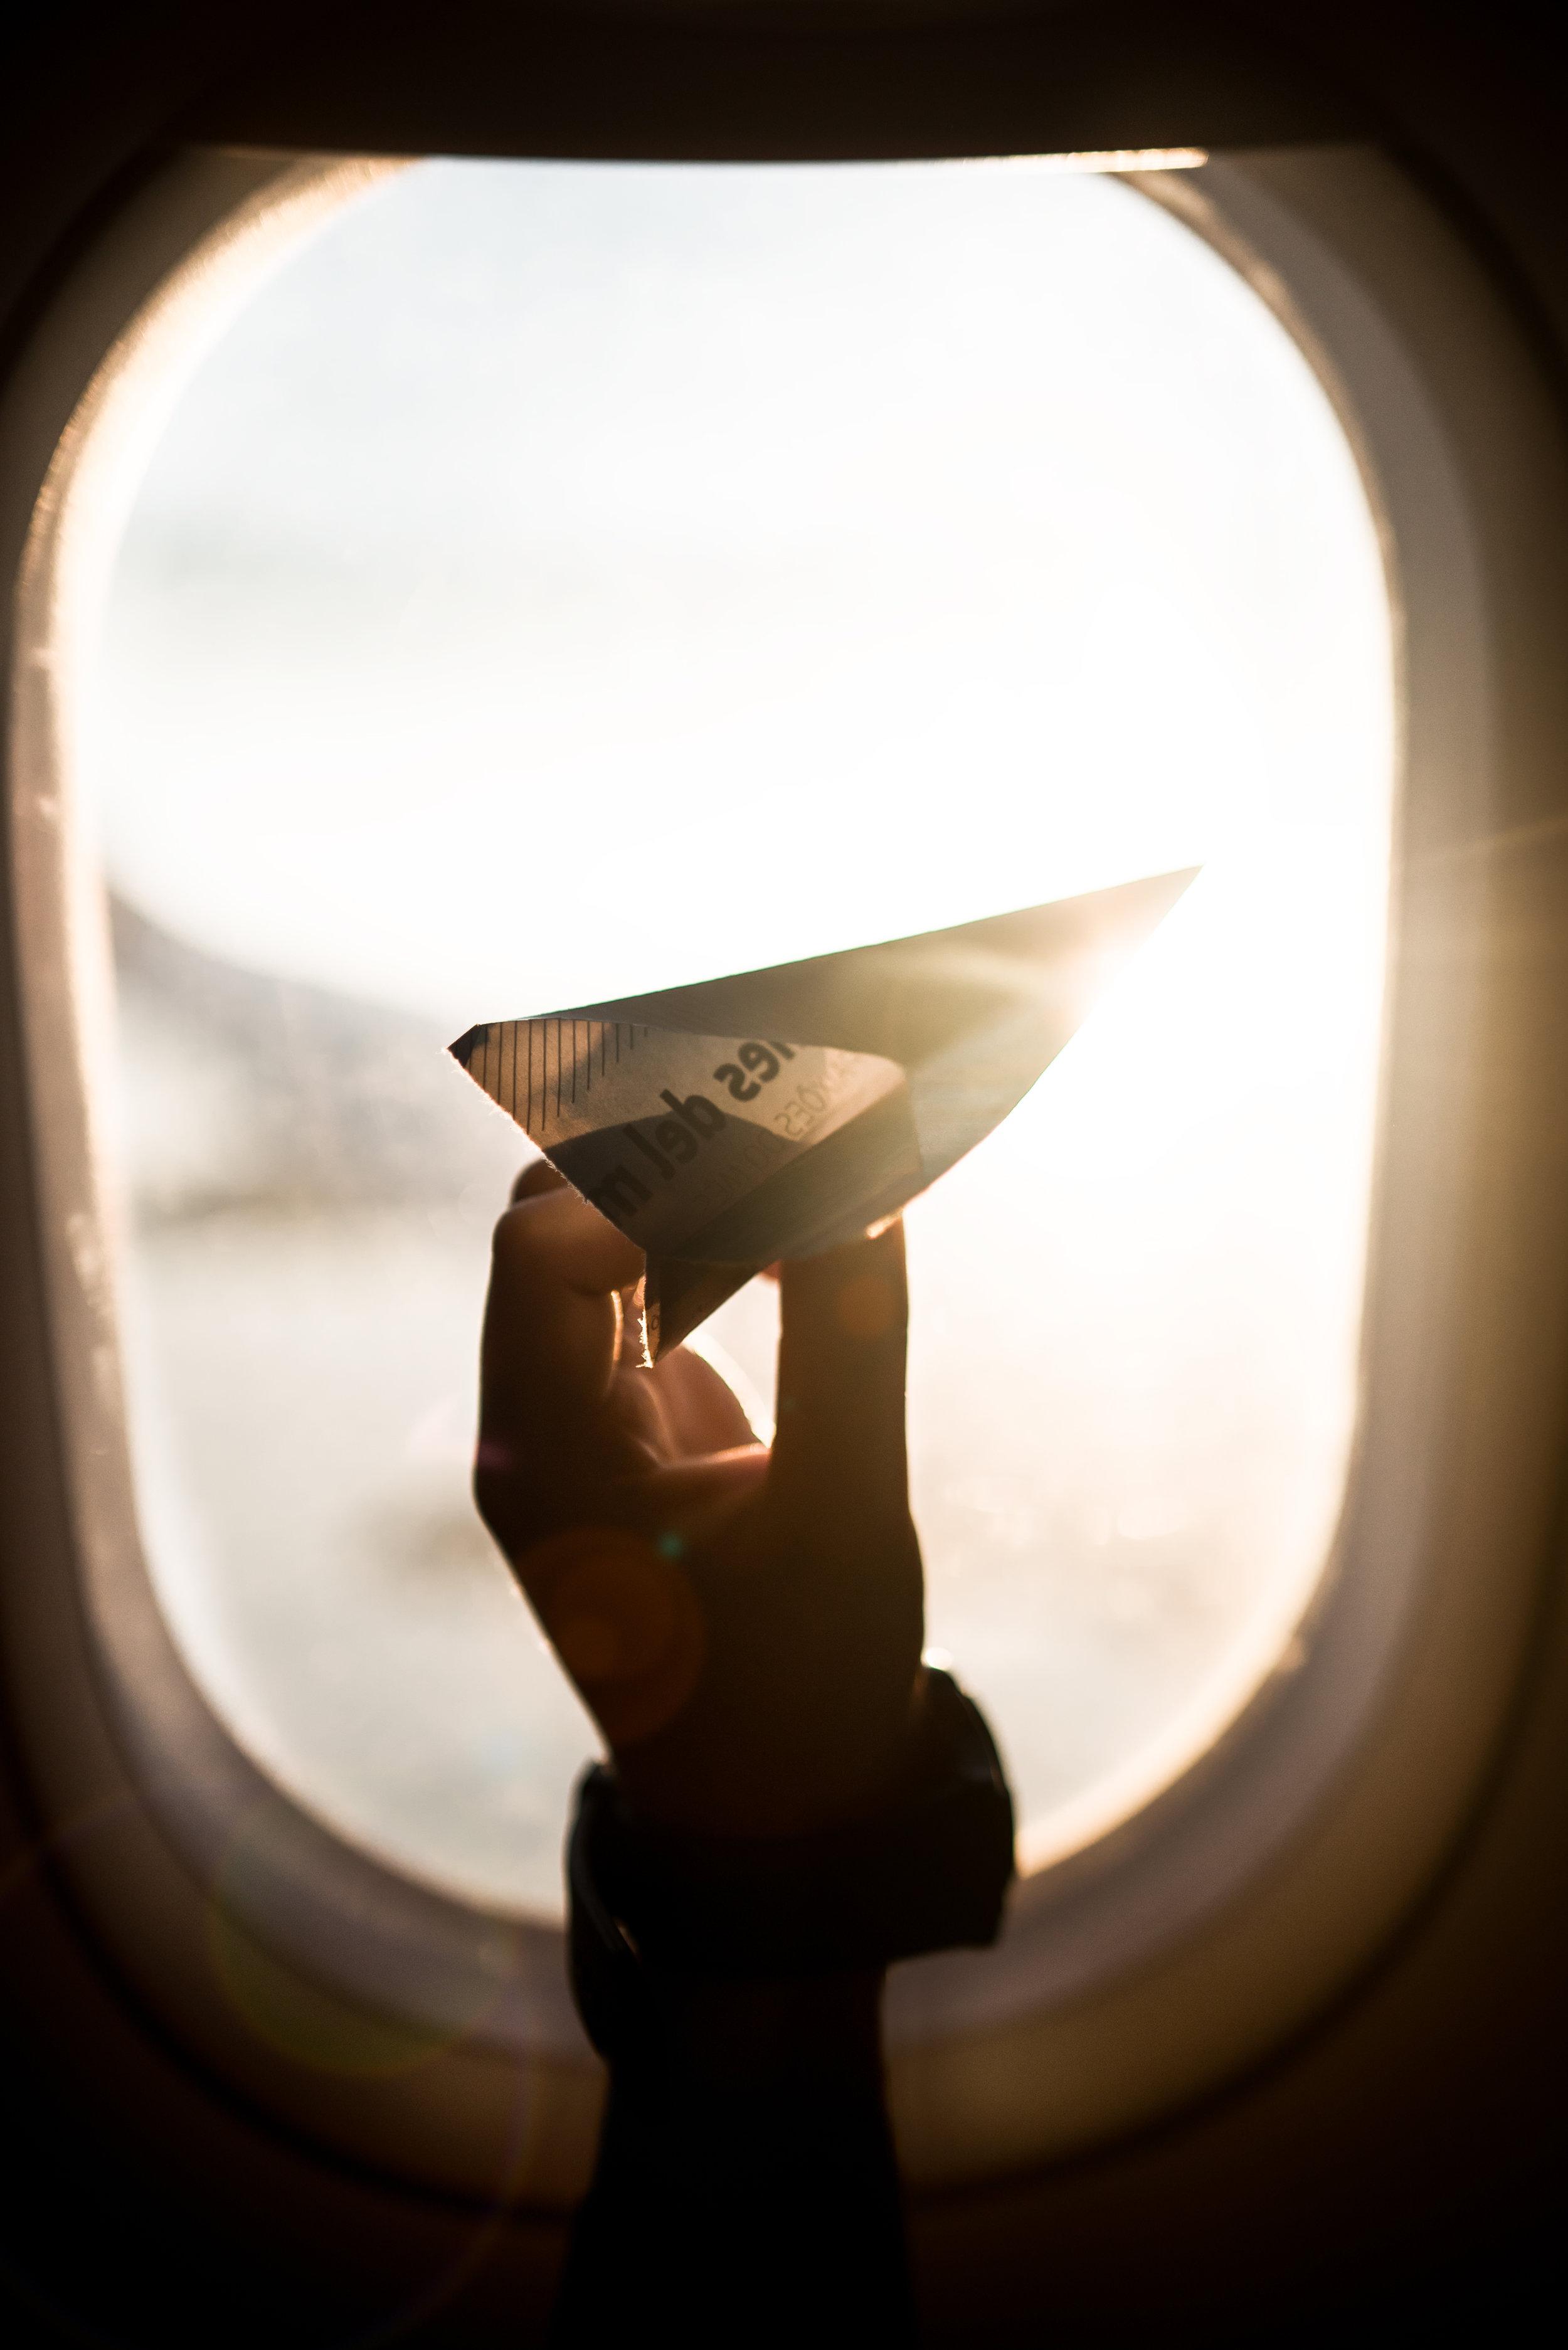 Staycation: Du sparer både tid og penger på å bli hjemme i ferien i stedet for å sette deg på et fly.